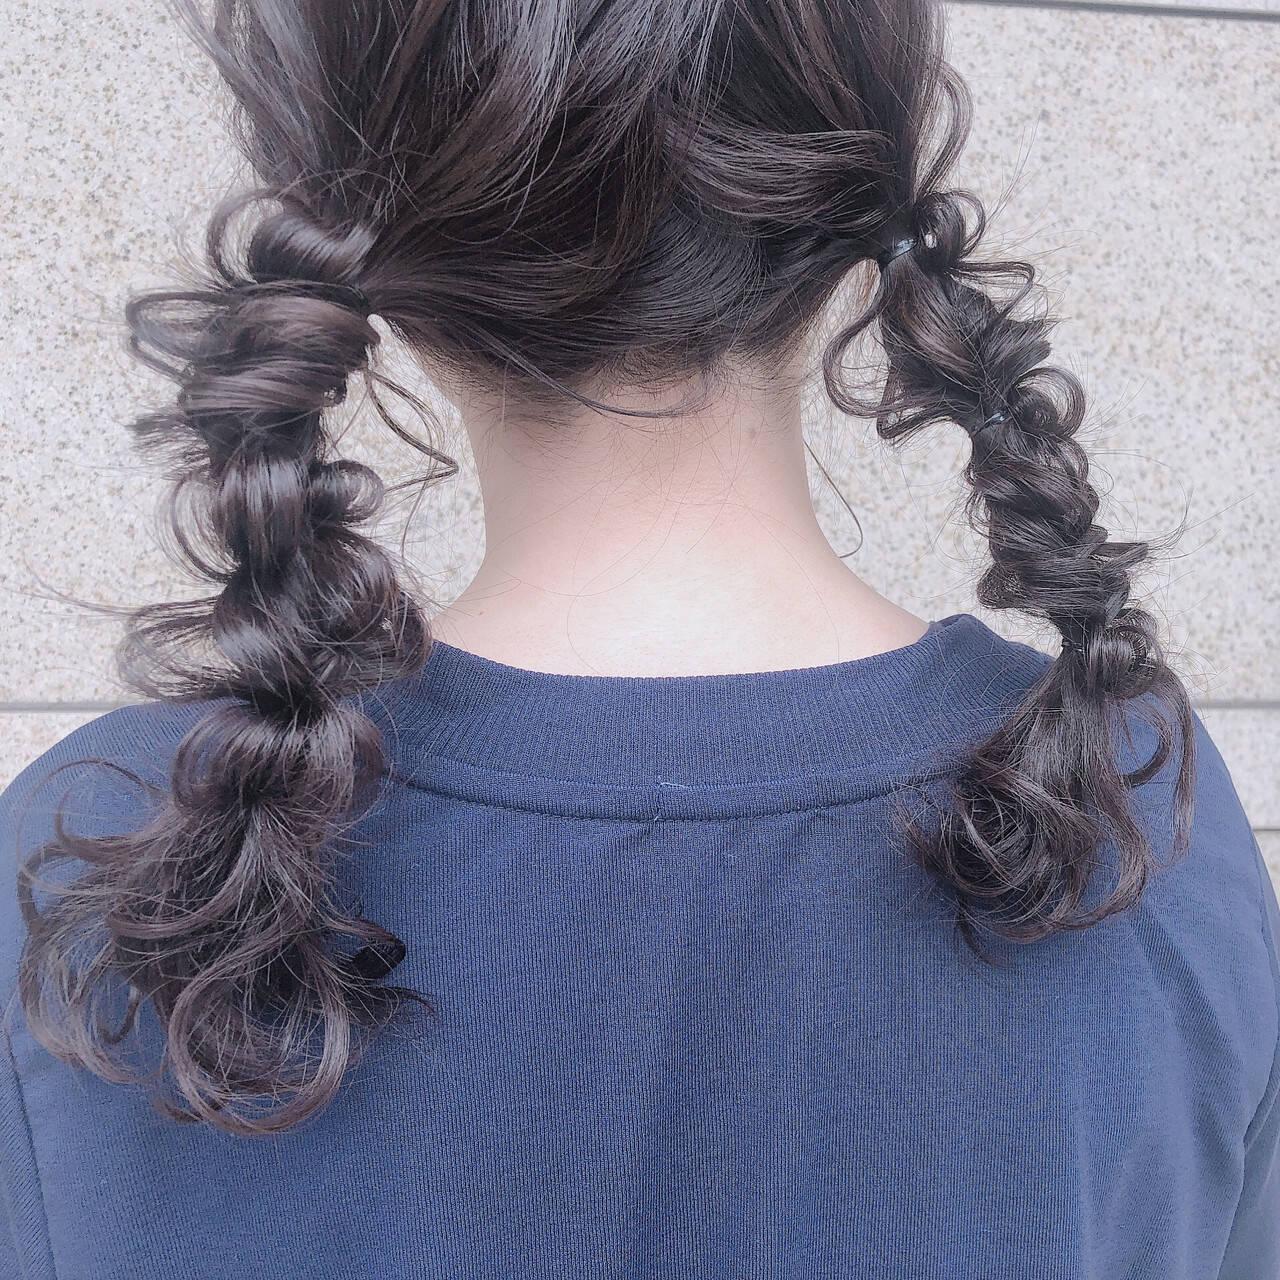 ガーリー オフィス セミロング ヘアアレンジヘアスタイルや髪型の写真・画像